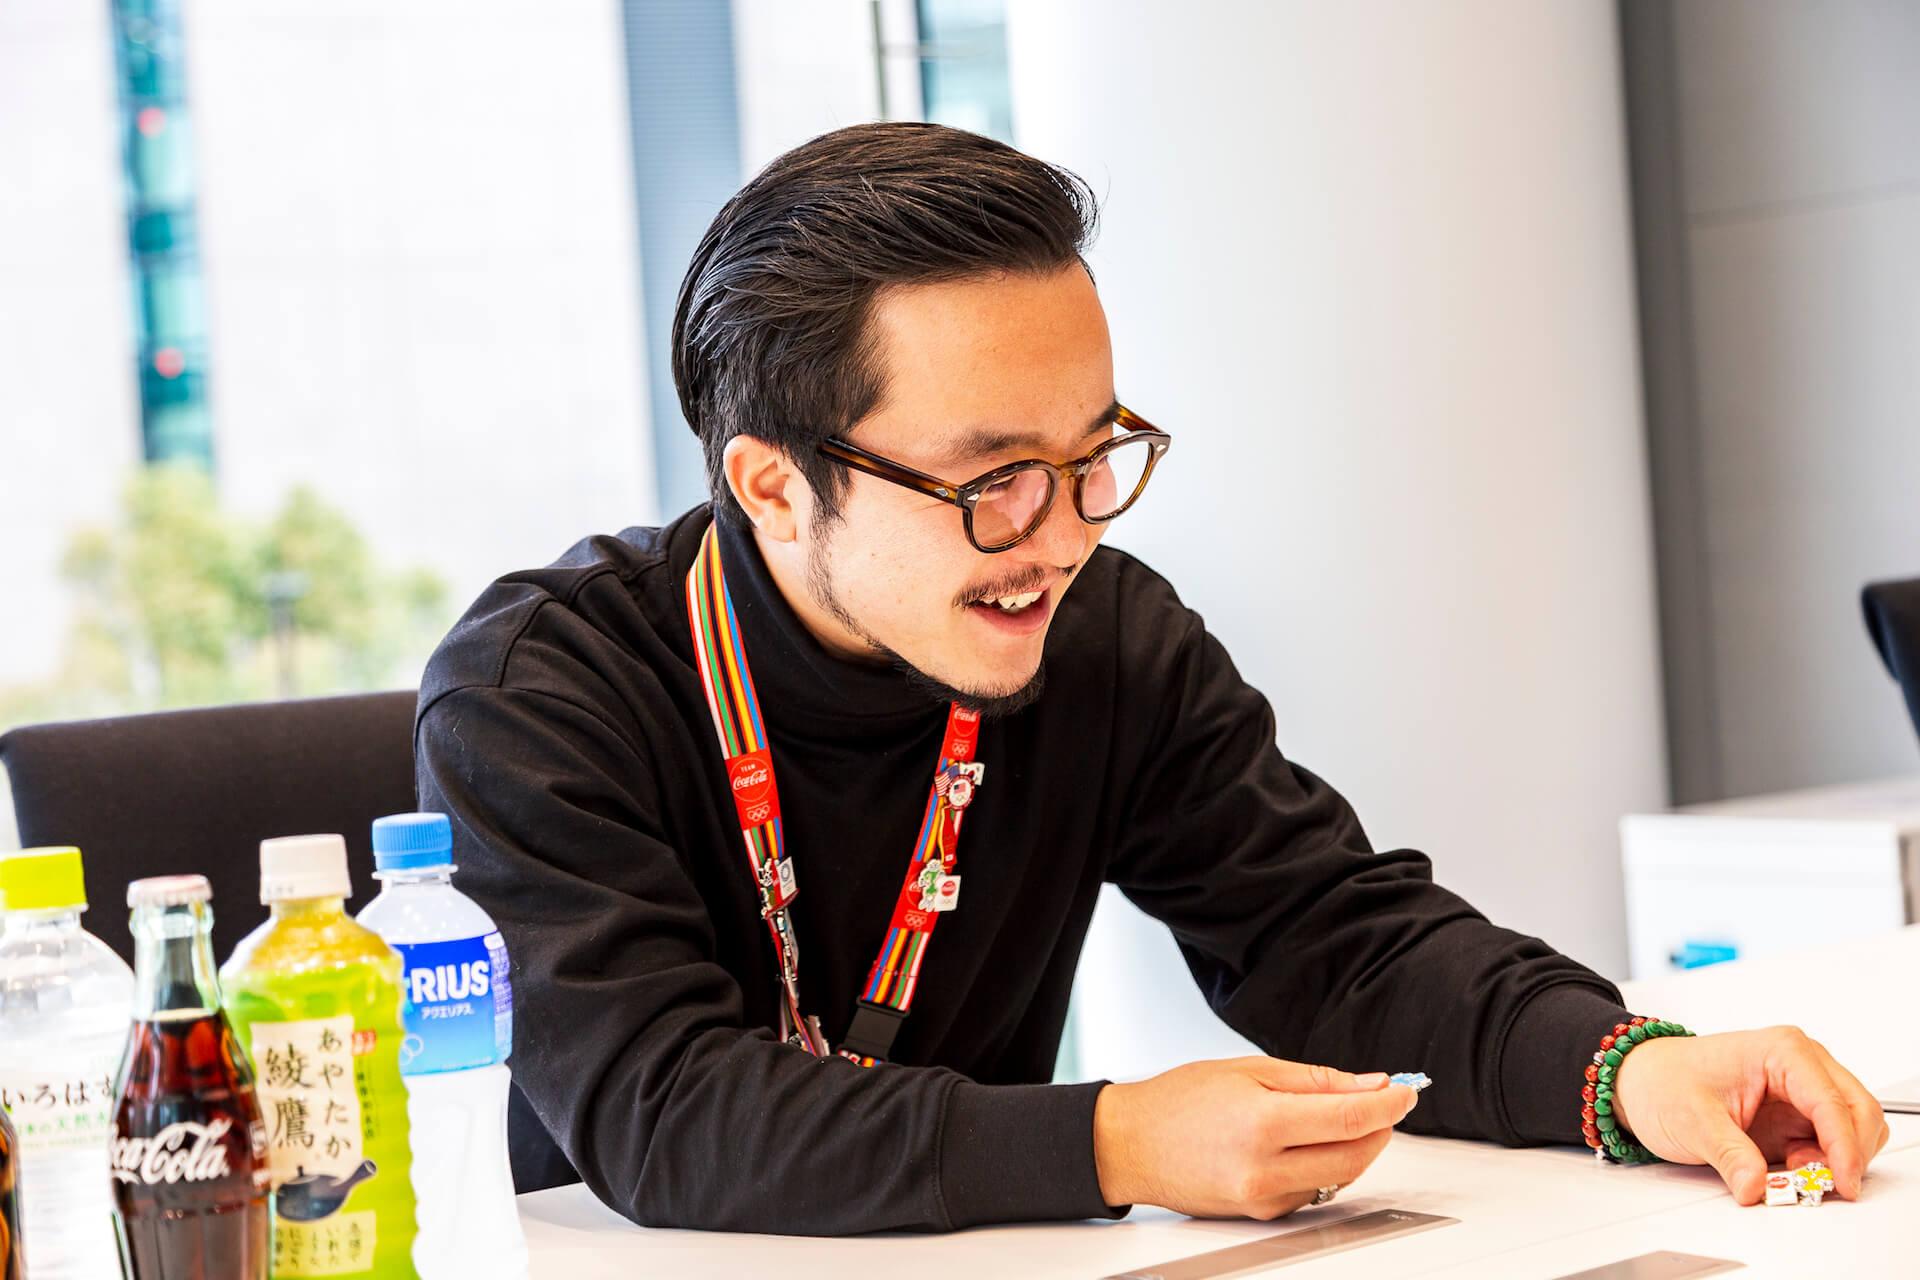 VERDYデザインのオリジナルピンから紐解く、コカ・コーラ社が東京2020オリンピックに込める想い interview-cocacola-verdy-3